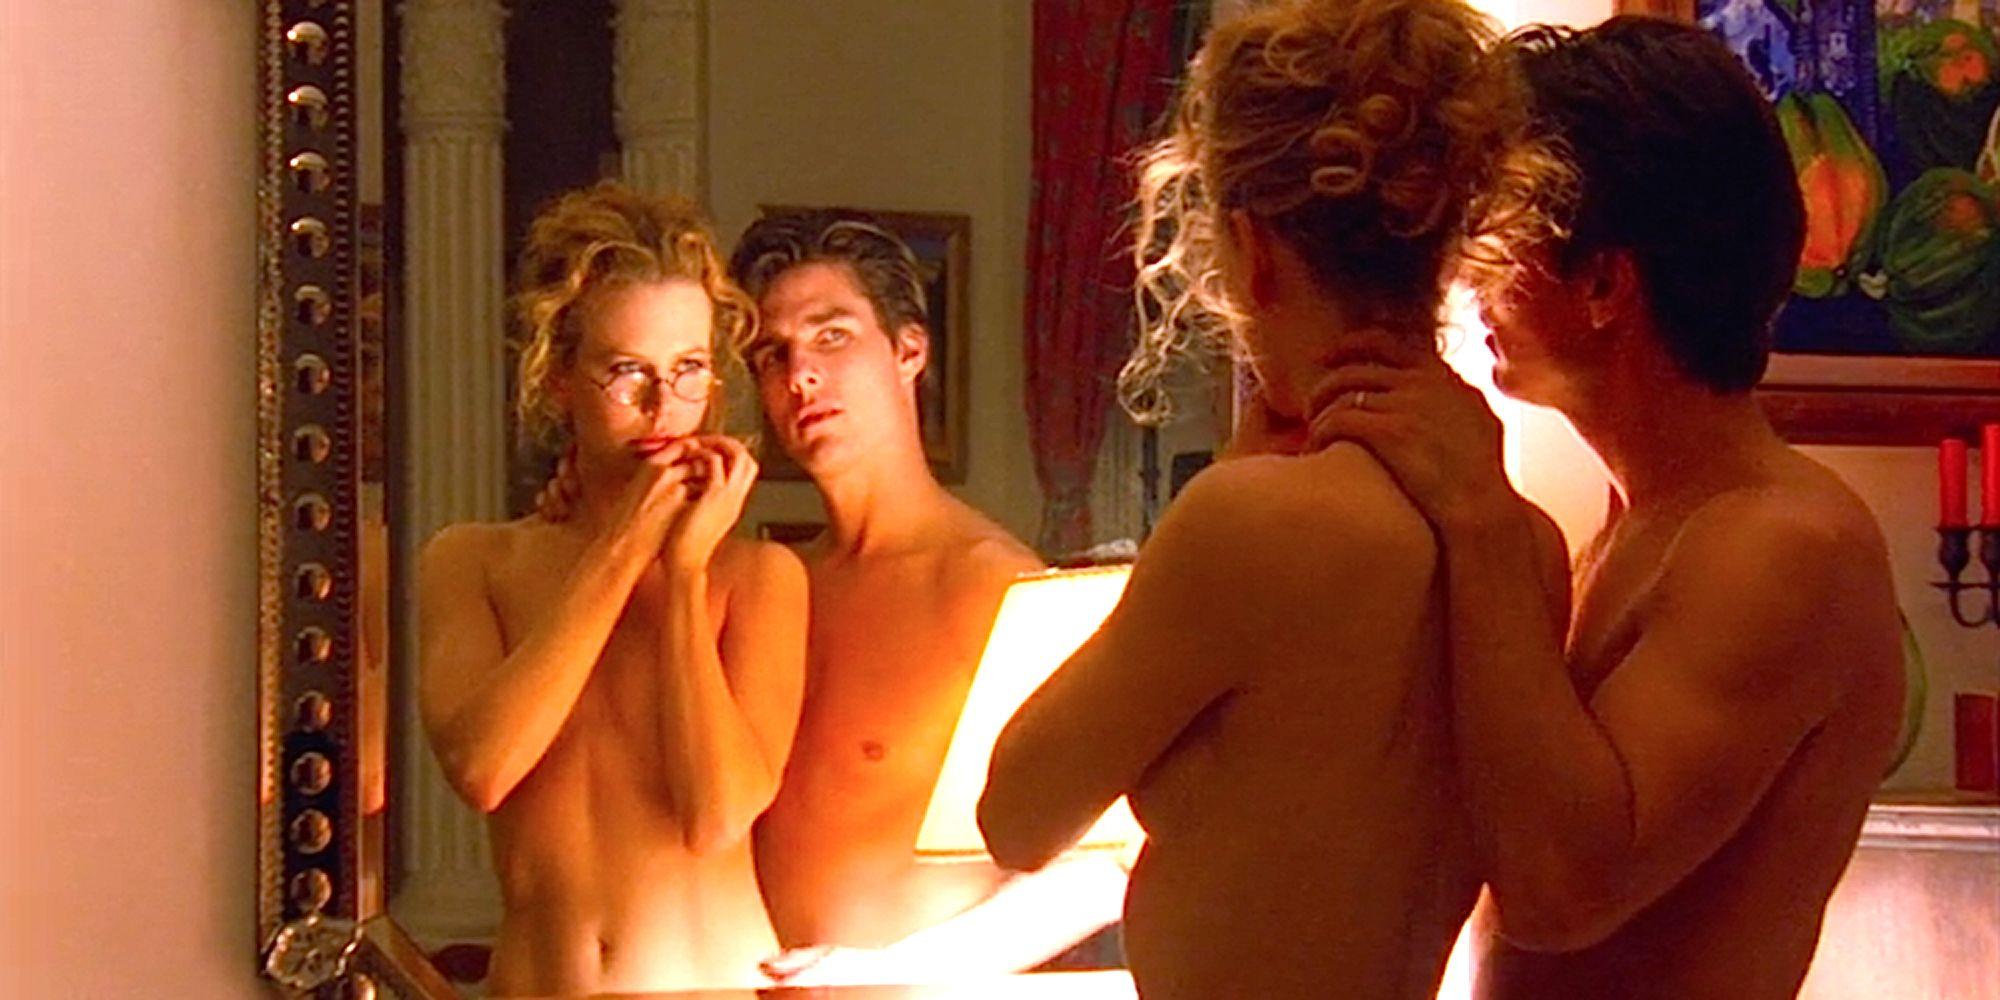 movie best scenes naked